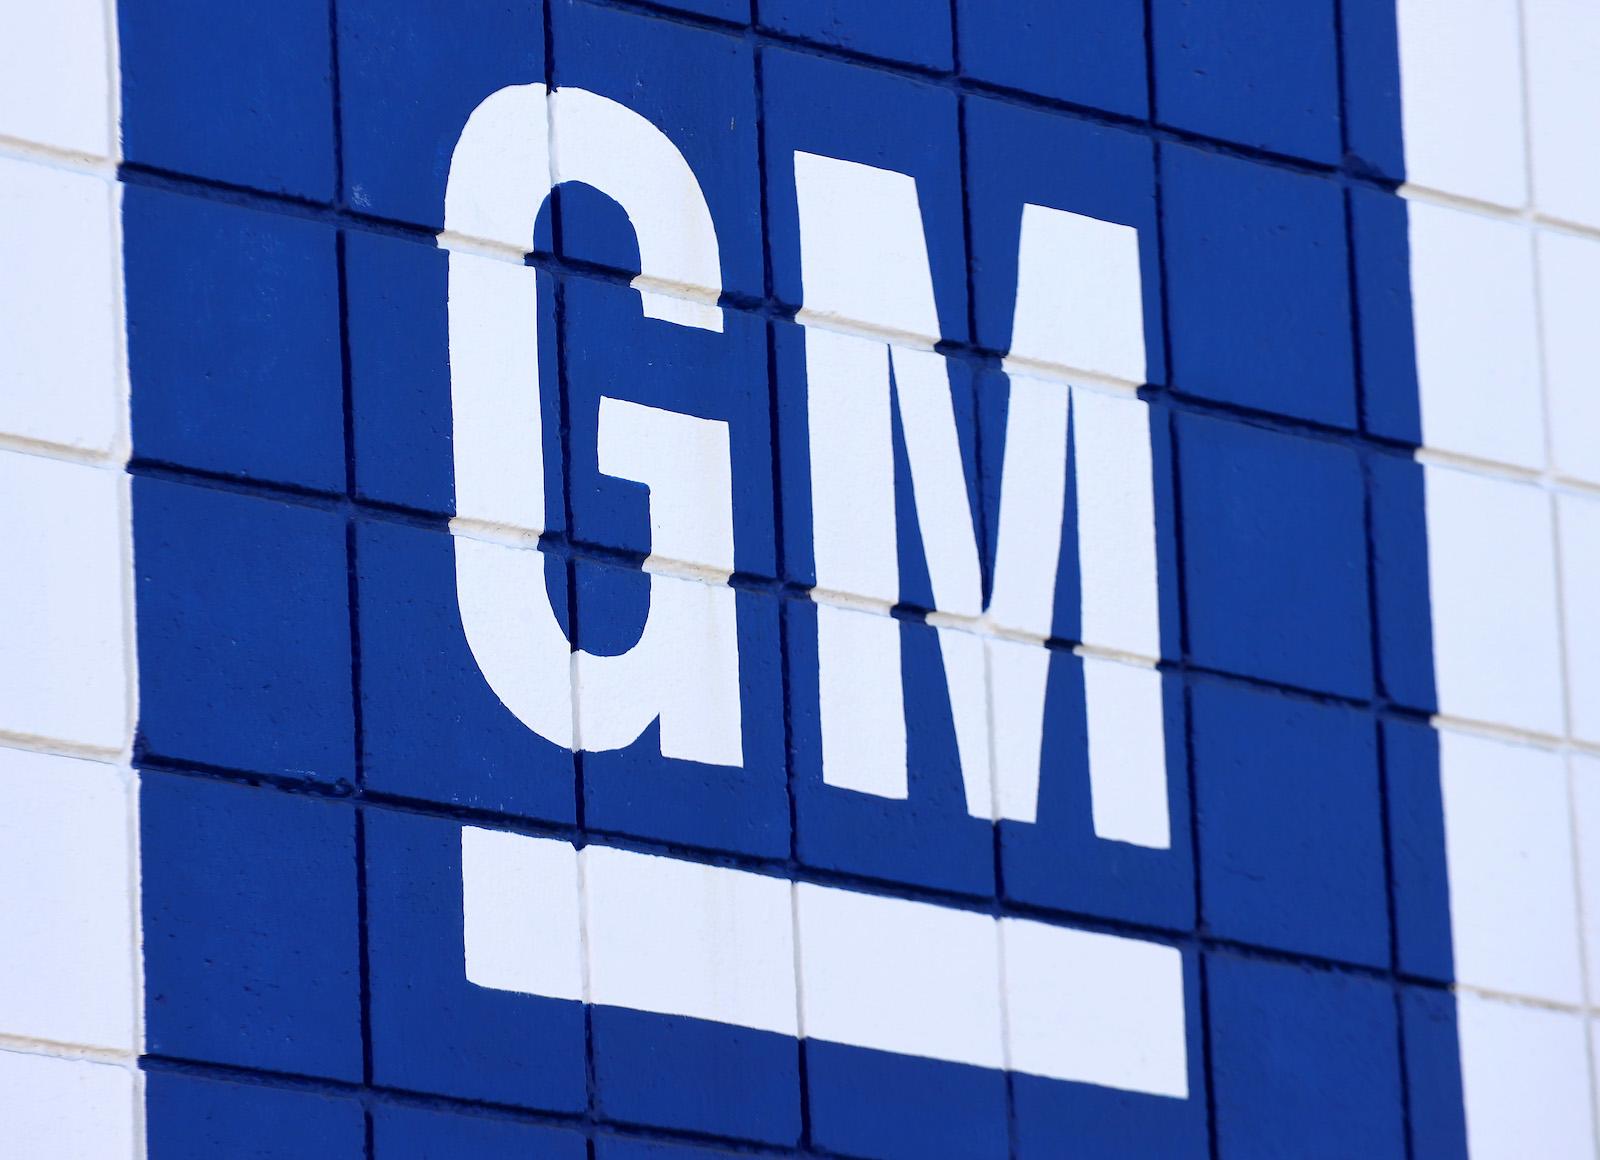 加利福尼亞州伯班克 - 8 月 4 日:通用汽車公司的標誌於 2021 年 8 月 4 日在加利福尼亞州伯班克的雪佛蘭經銷商處展示。 儘管計算機芯片短缺,通用汽車 (GM) 在第二季度仍實現了 28 億美元的淨利潤。  (馬里奧·多摩/蓋蒂圖片社攝)